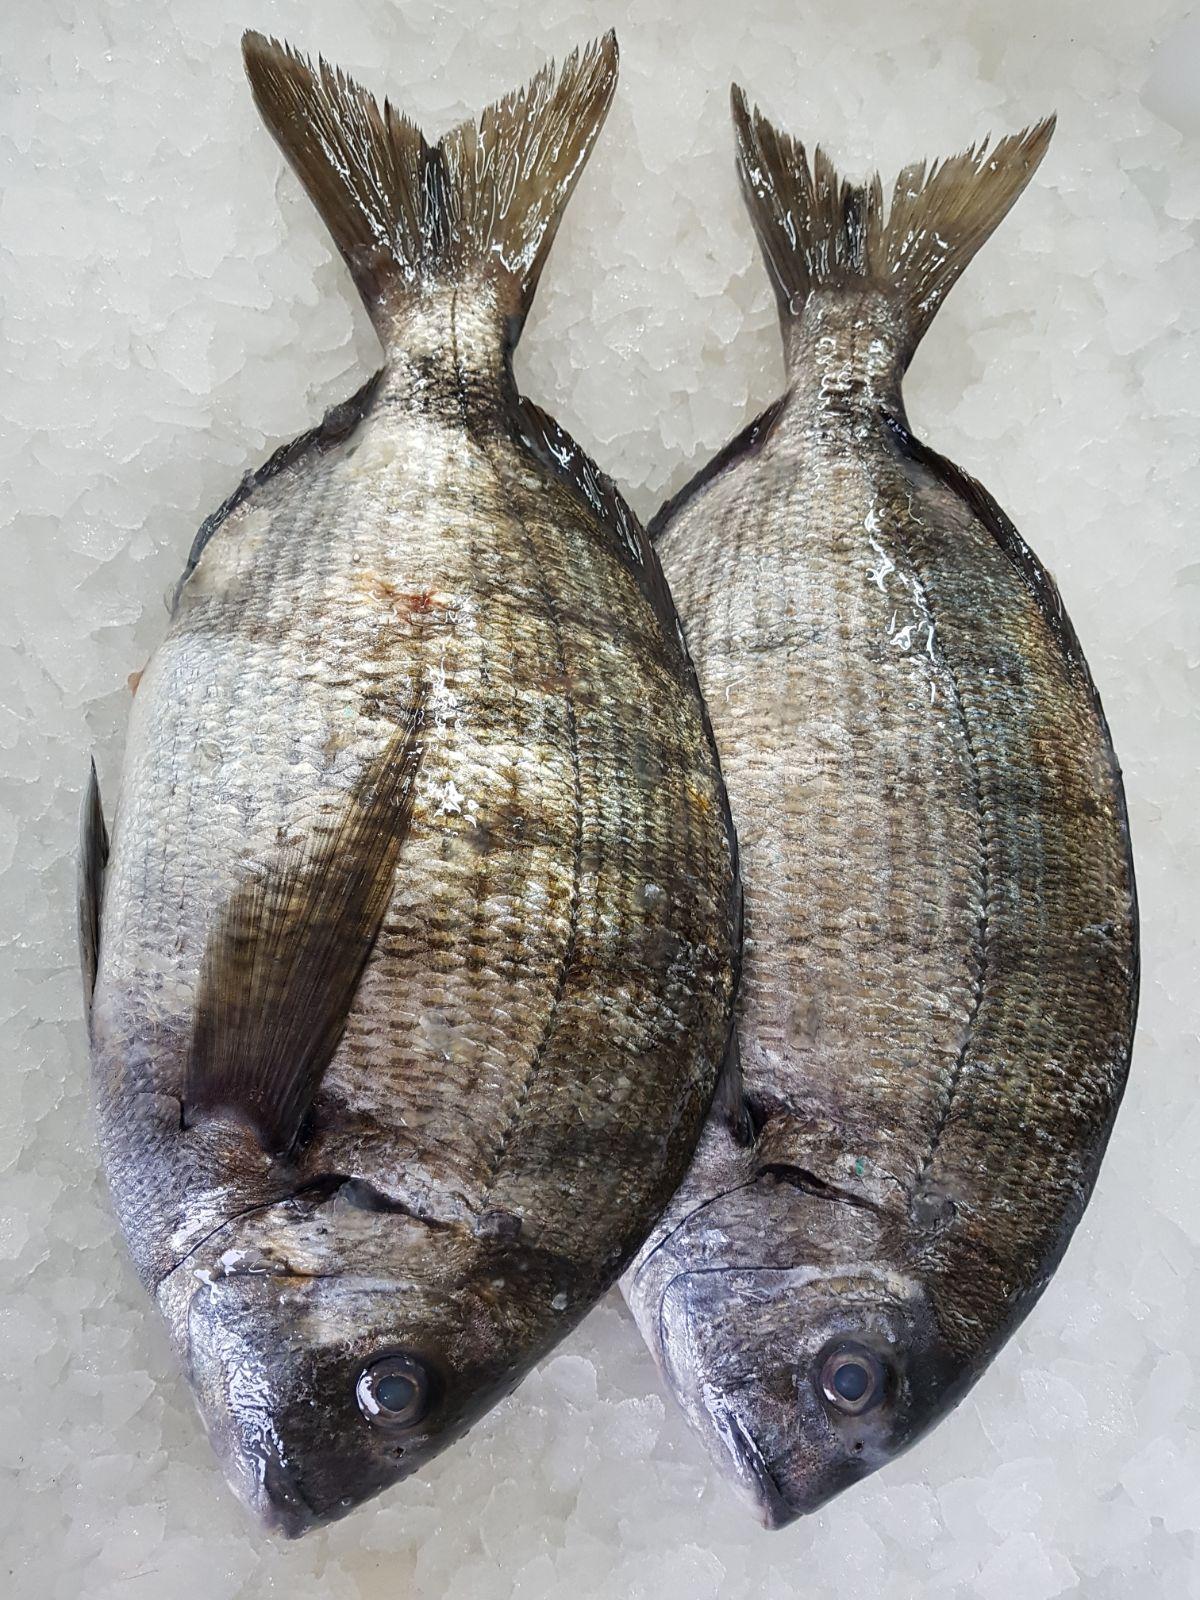 Sargo de la Costa da Morte, capturado mediante pesca artesanal y sostenilble